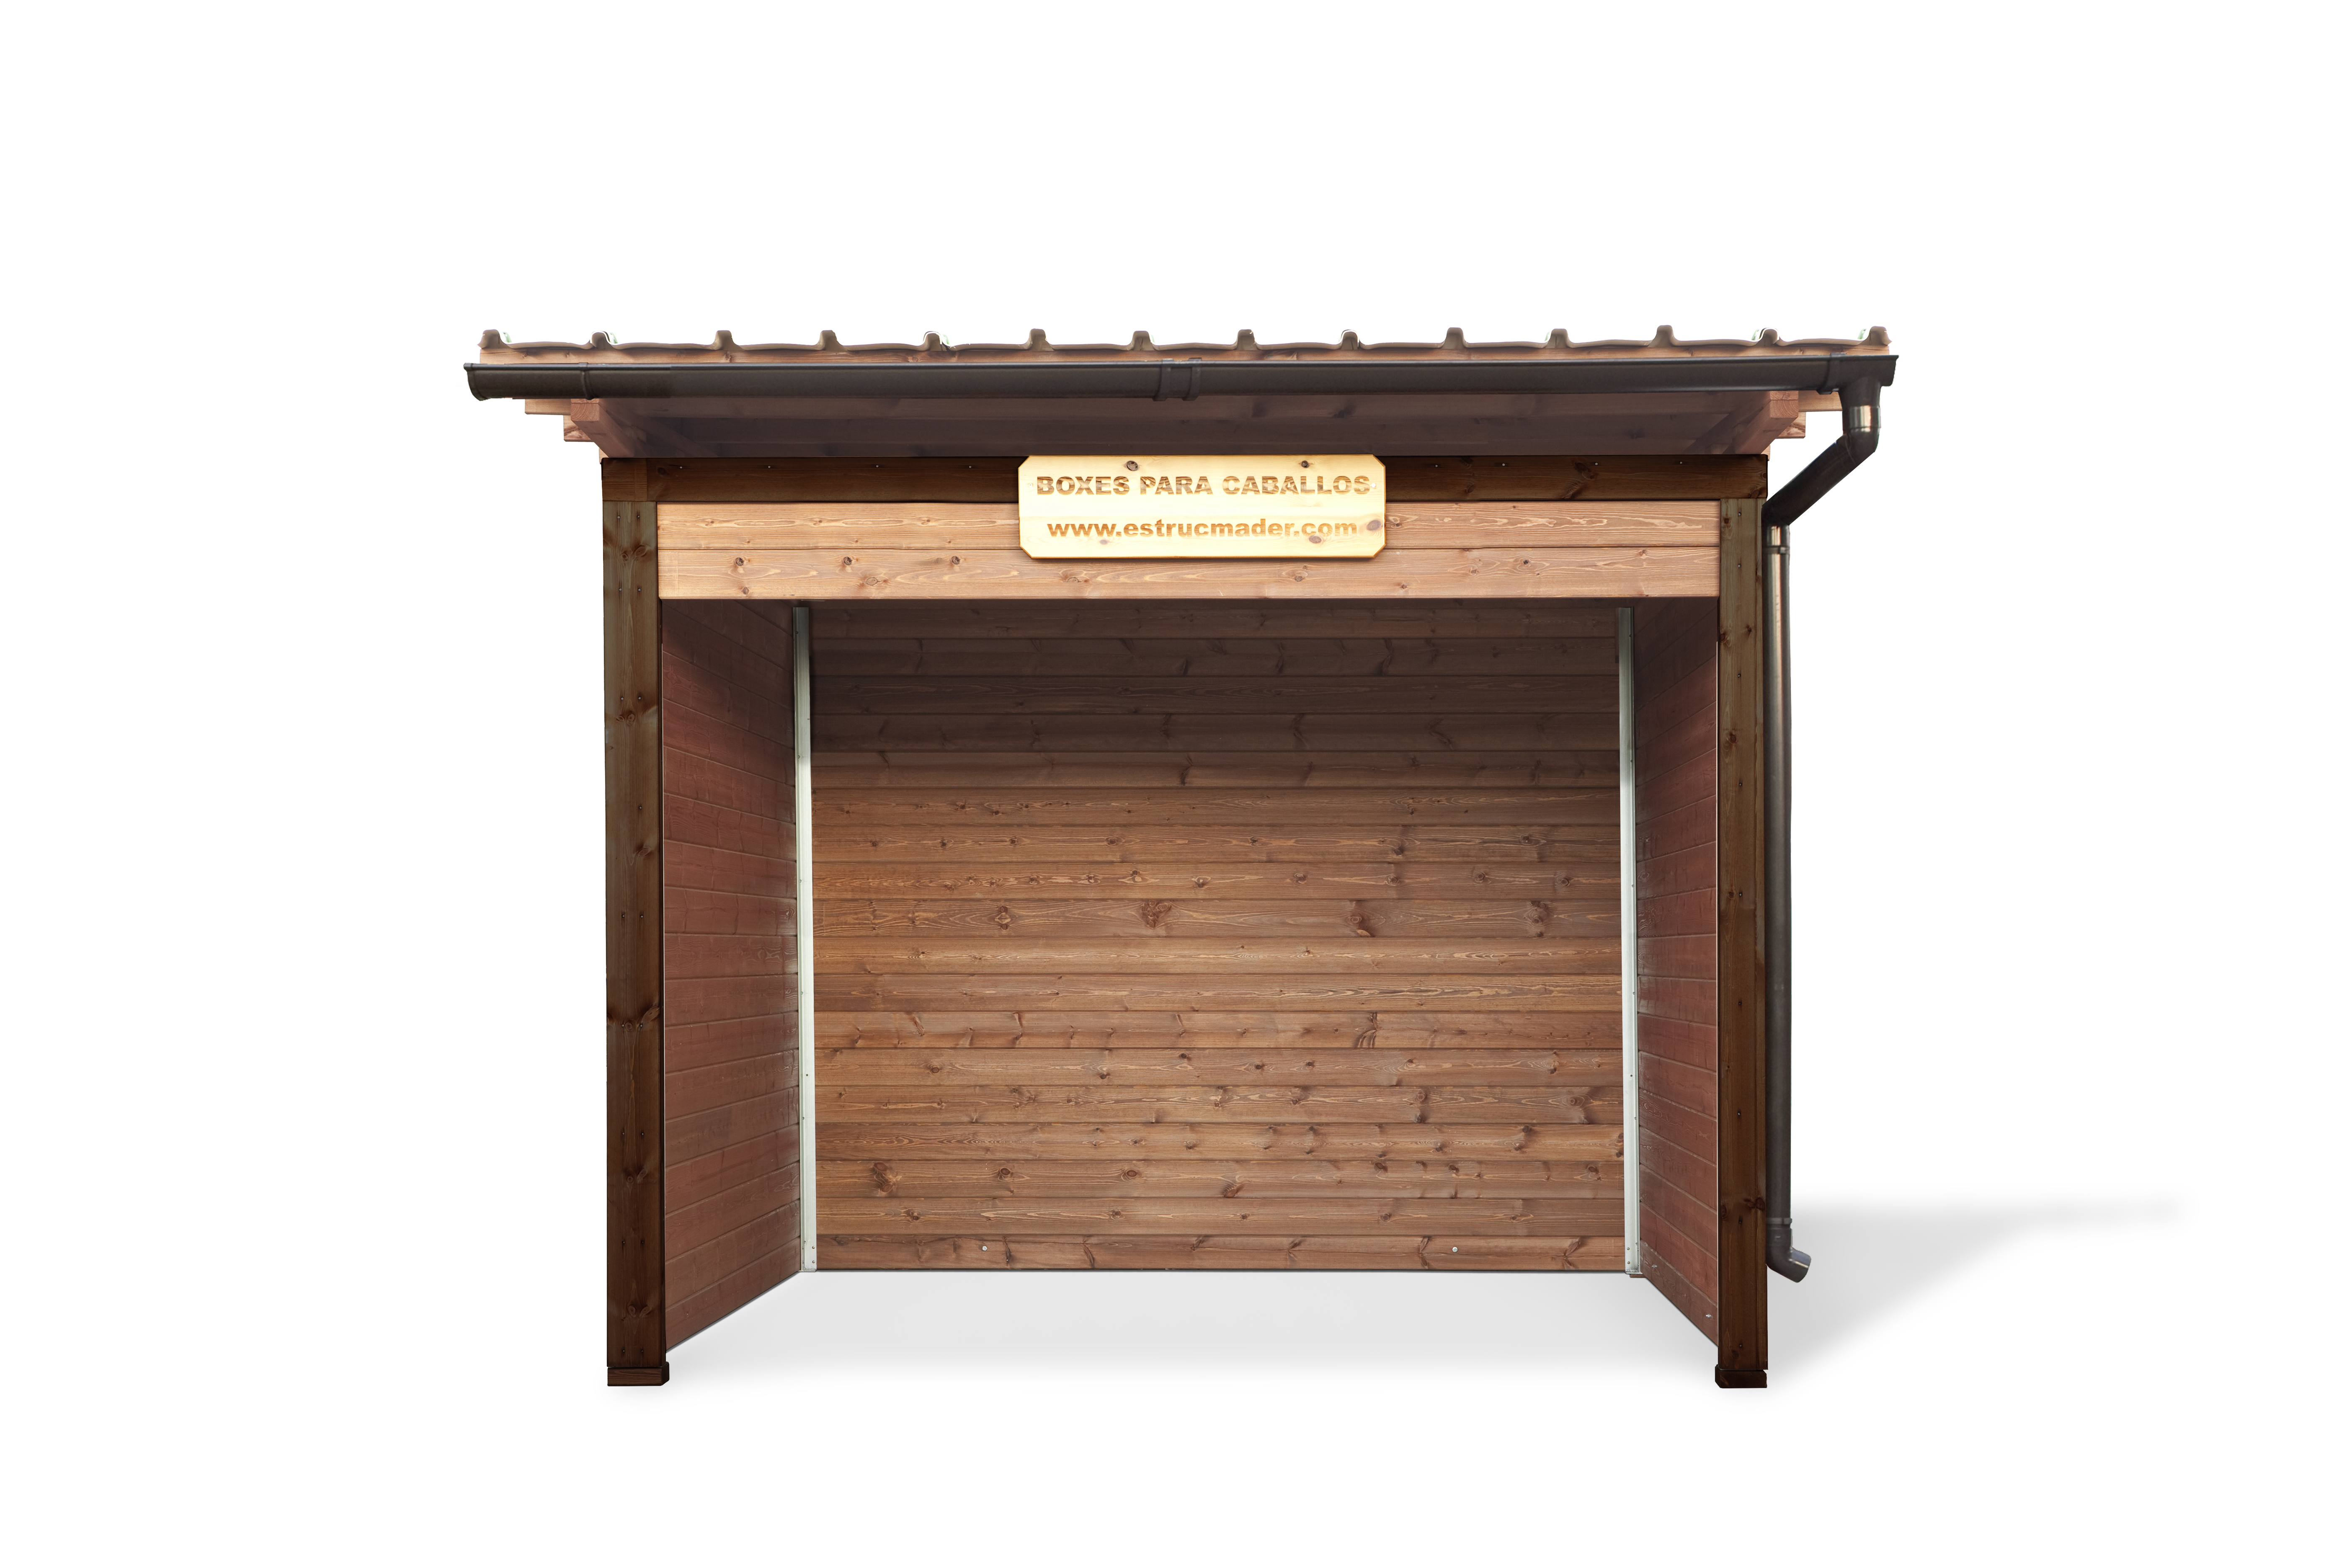 Cobertizo refugio troya deluxe madera estrucmader for Cobertizo de herramientas